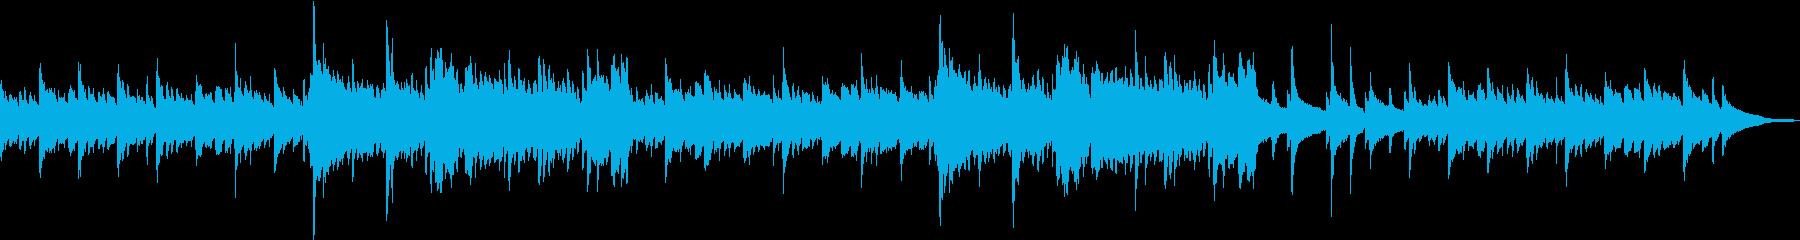 現代の交響曲 感情的 バラード フ...の再生済みの波形